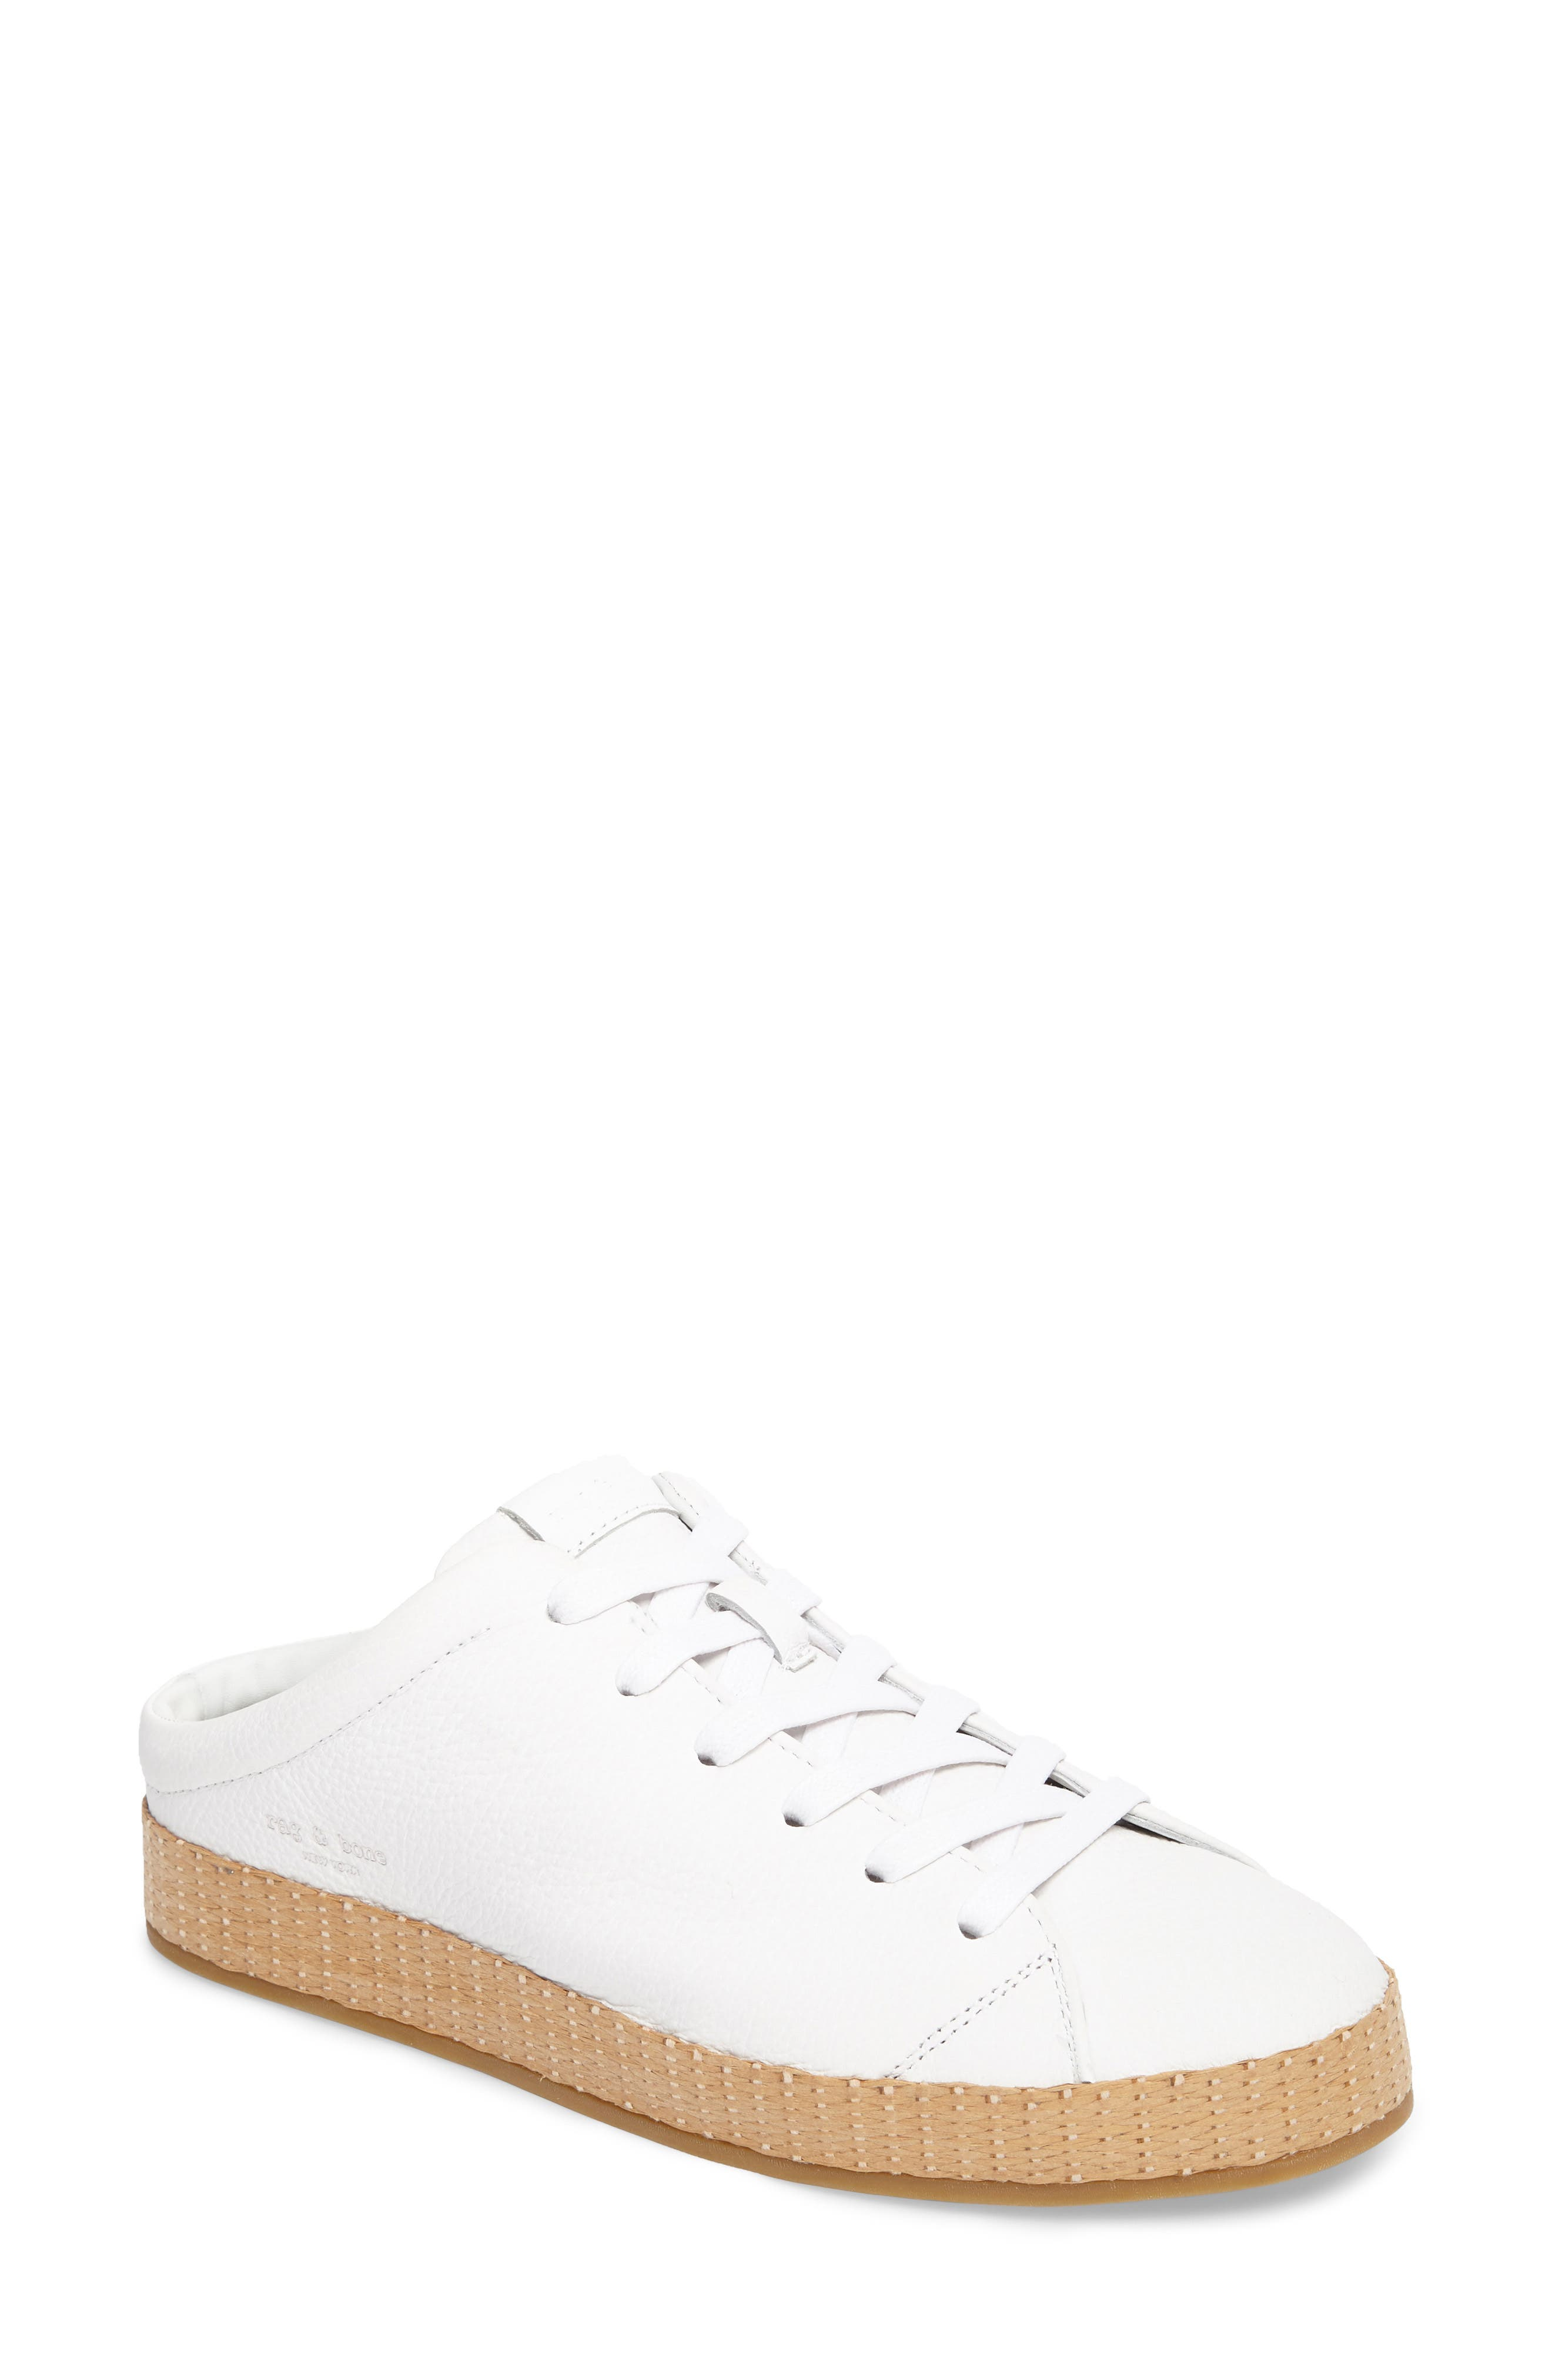 RB1 Slip-On Sneaker,                             Main thumbnail 1, color,                             White